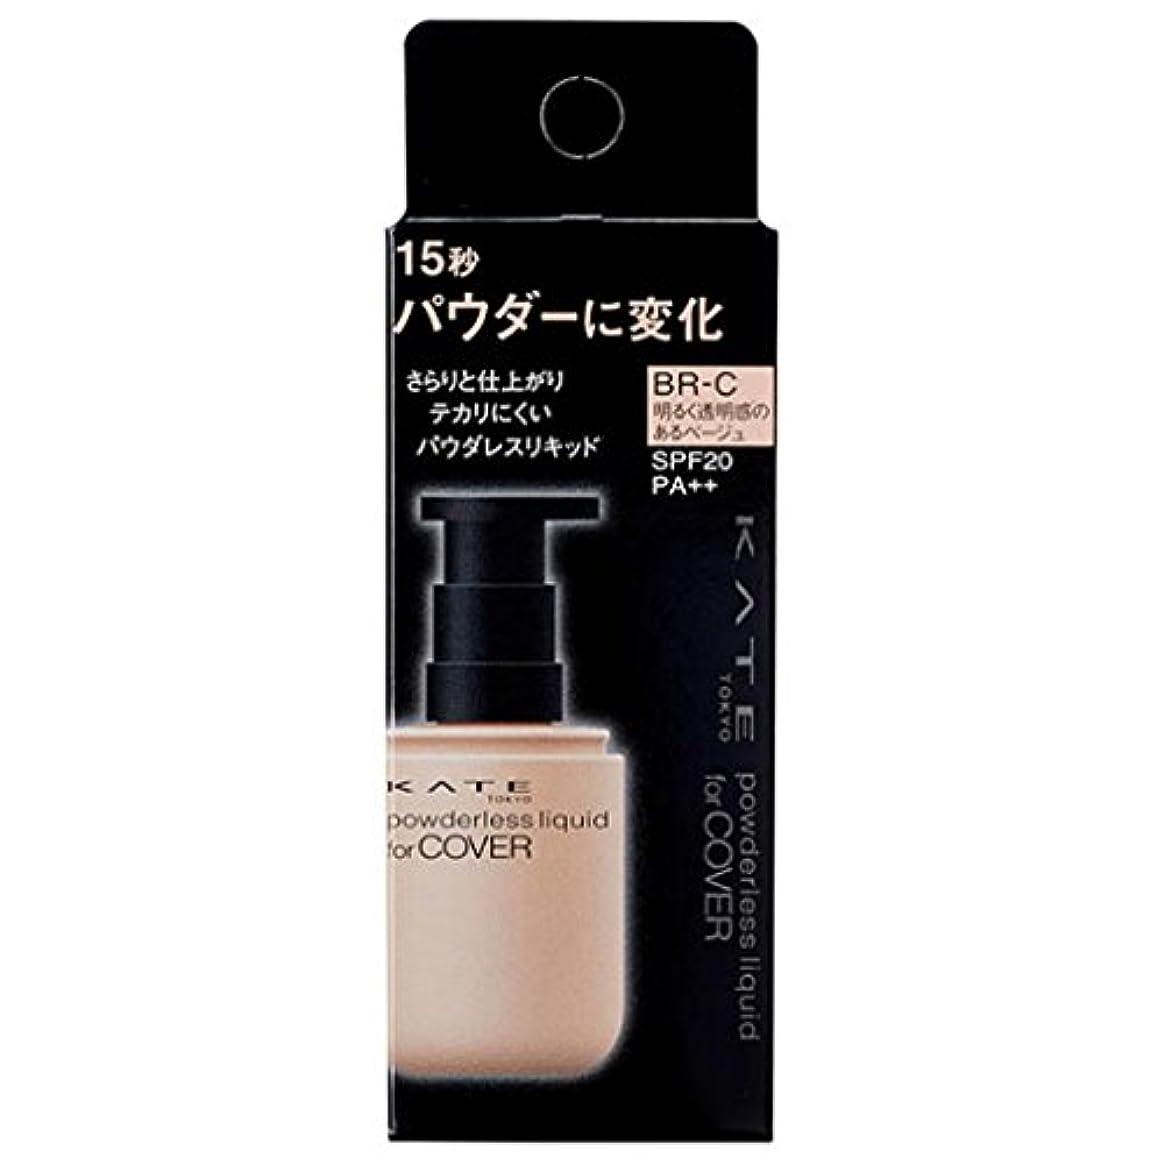 ツーリストレプリカ思いやりKATE(ケイト) カネボウ化粧品 パウダレスリキッド ファンデーション 30ml BR-C(ブライトアップ)